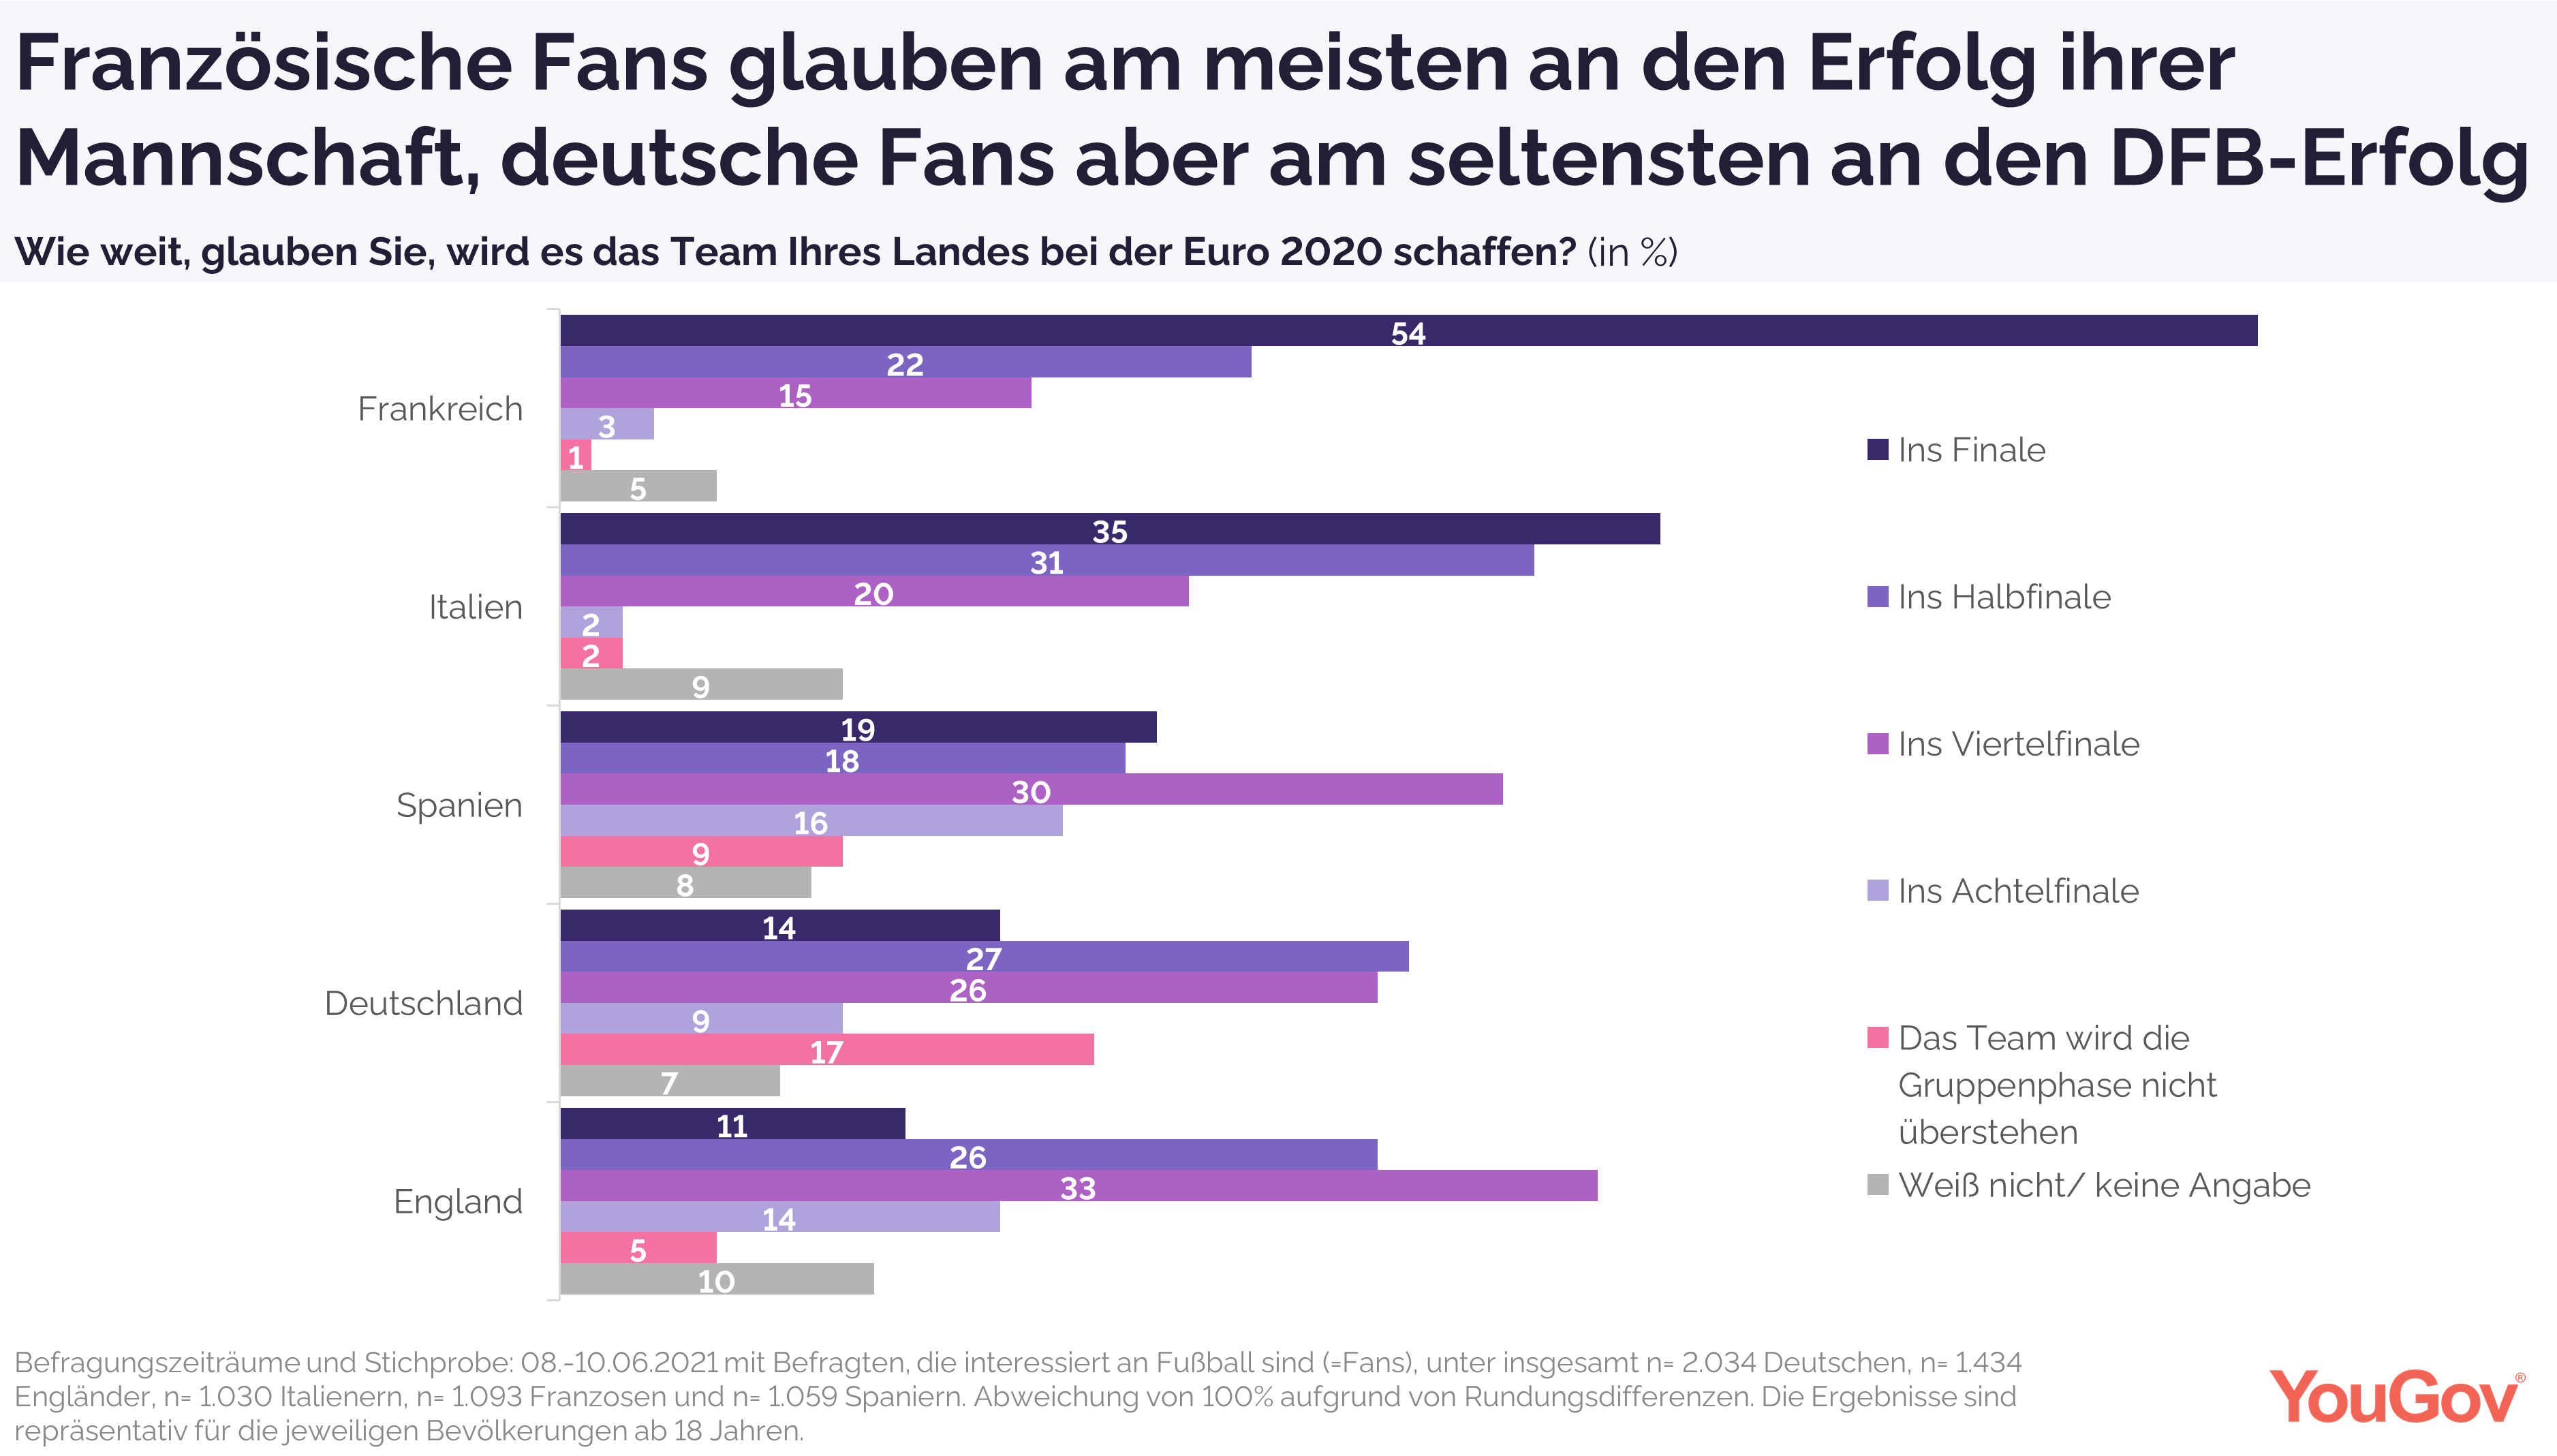 Französische Fans glauben am meisten an den Erfolg ihrer Mannschaft, deutsche Fans aber am seltensten an den DFB-Erfolg